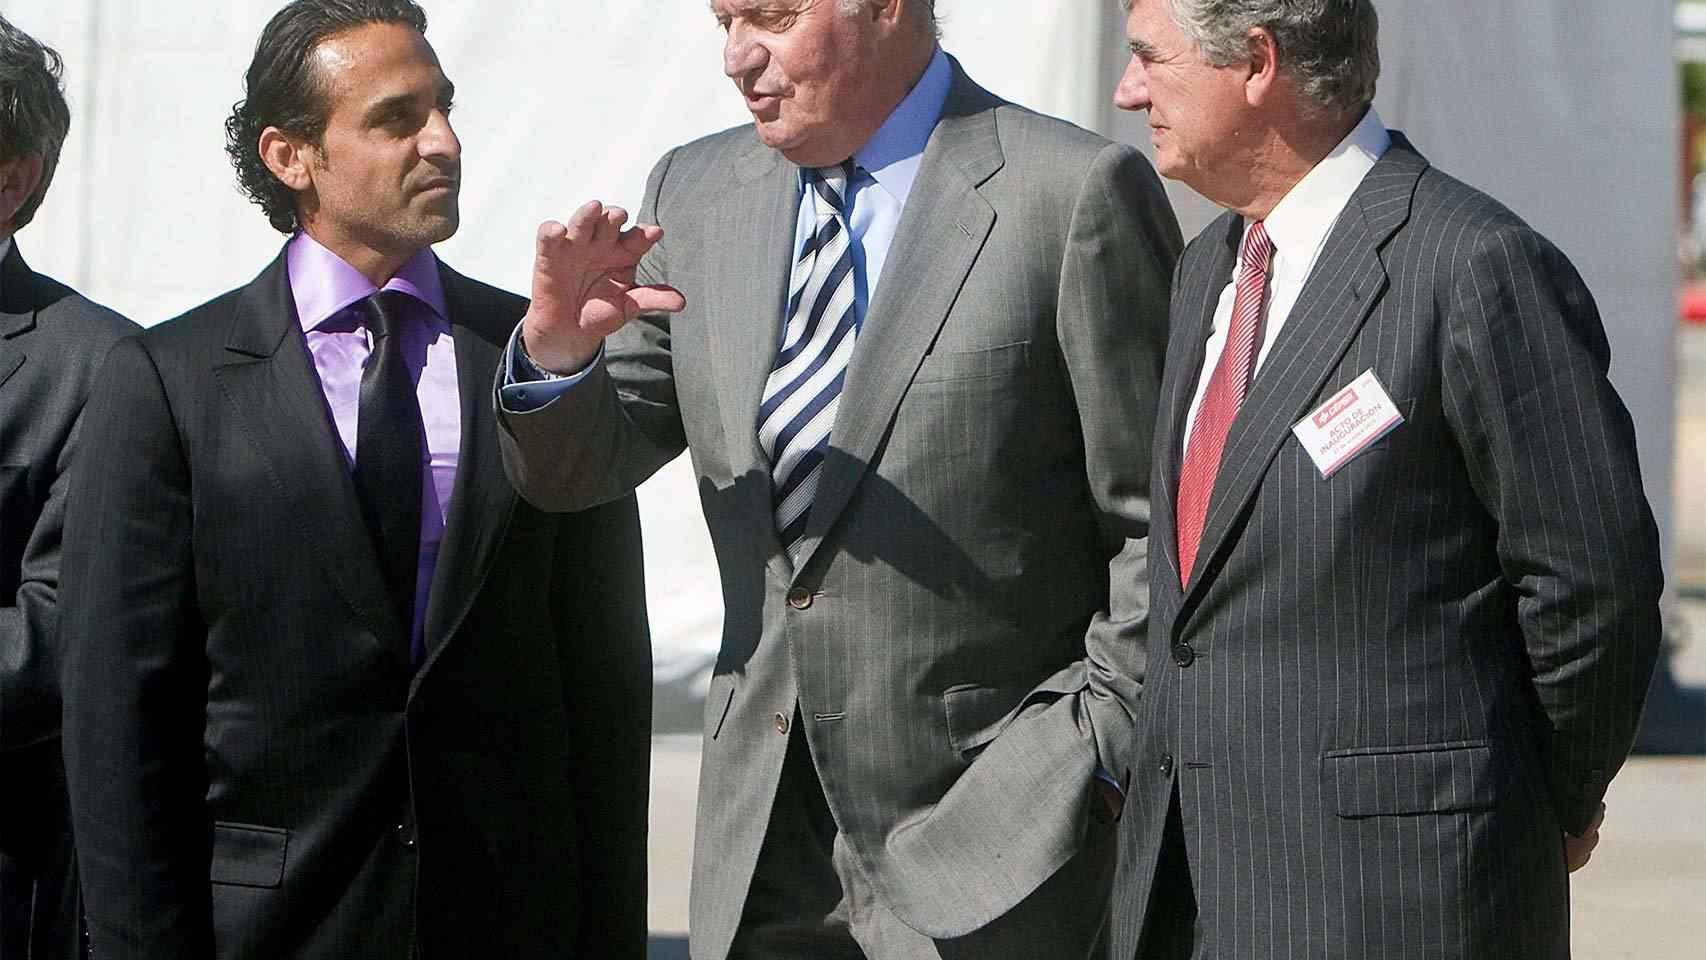 El expresidente de Cepsa Al Qubaisi, a la izquierda del rey Juan Carlos.